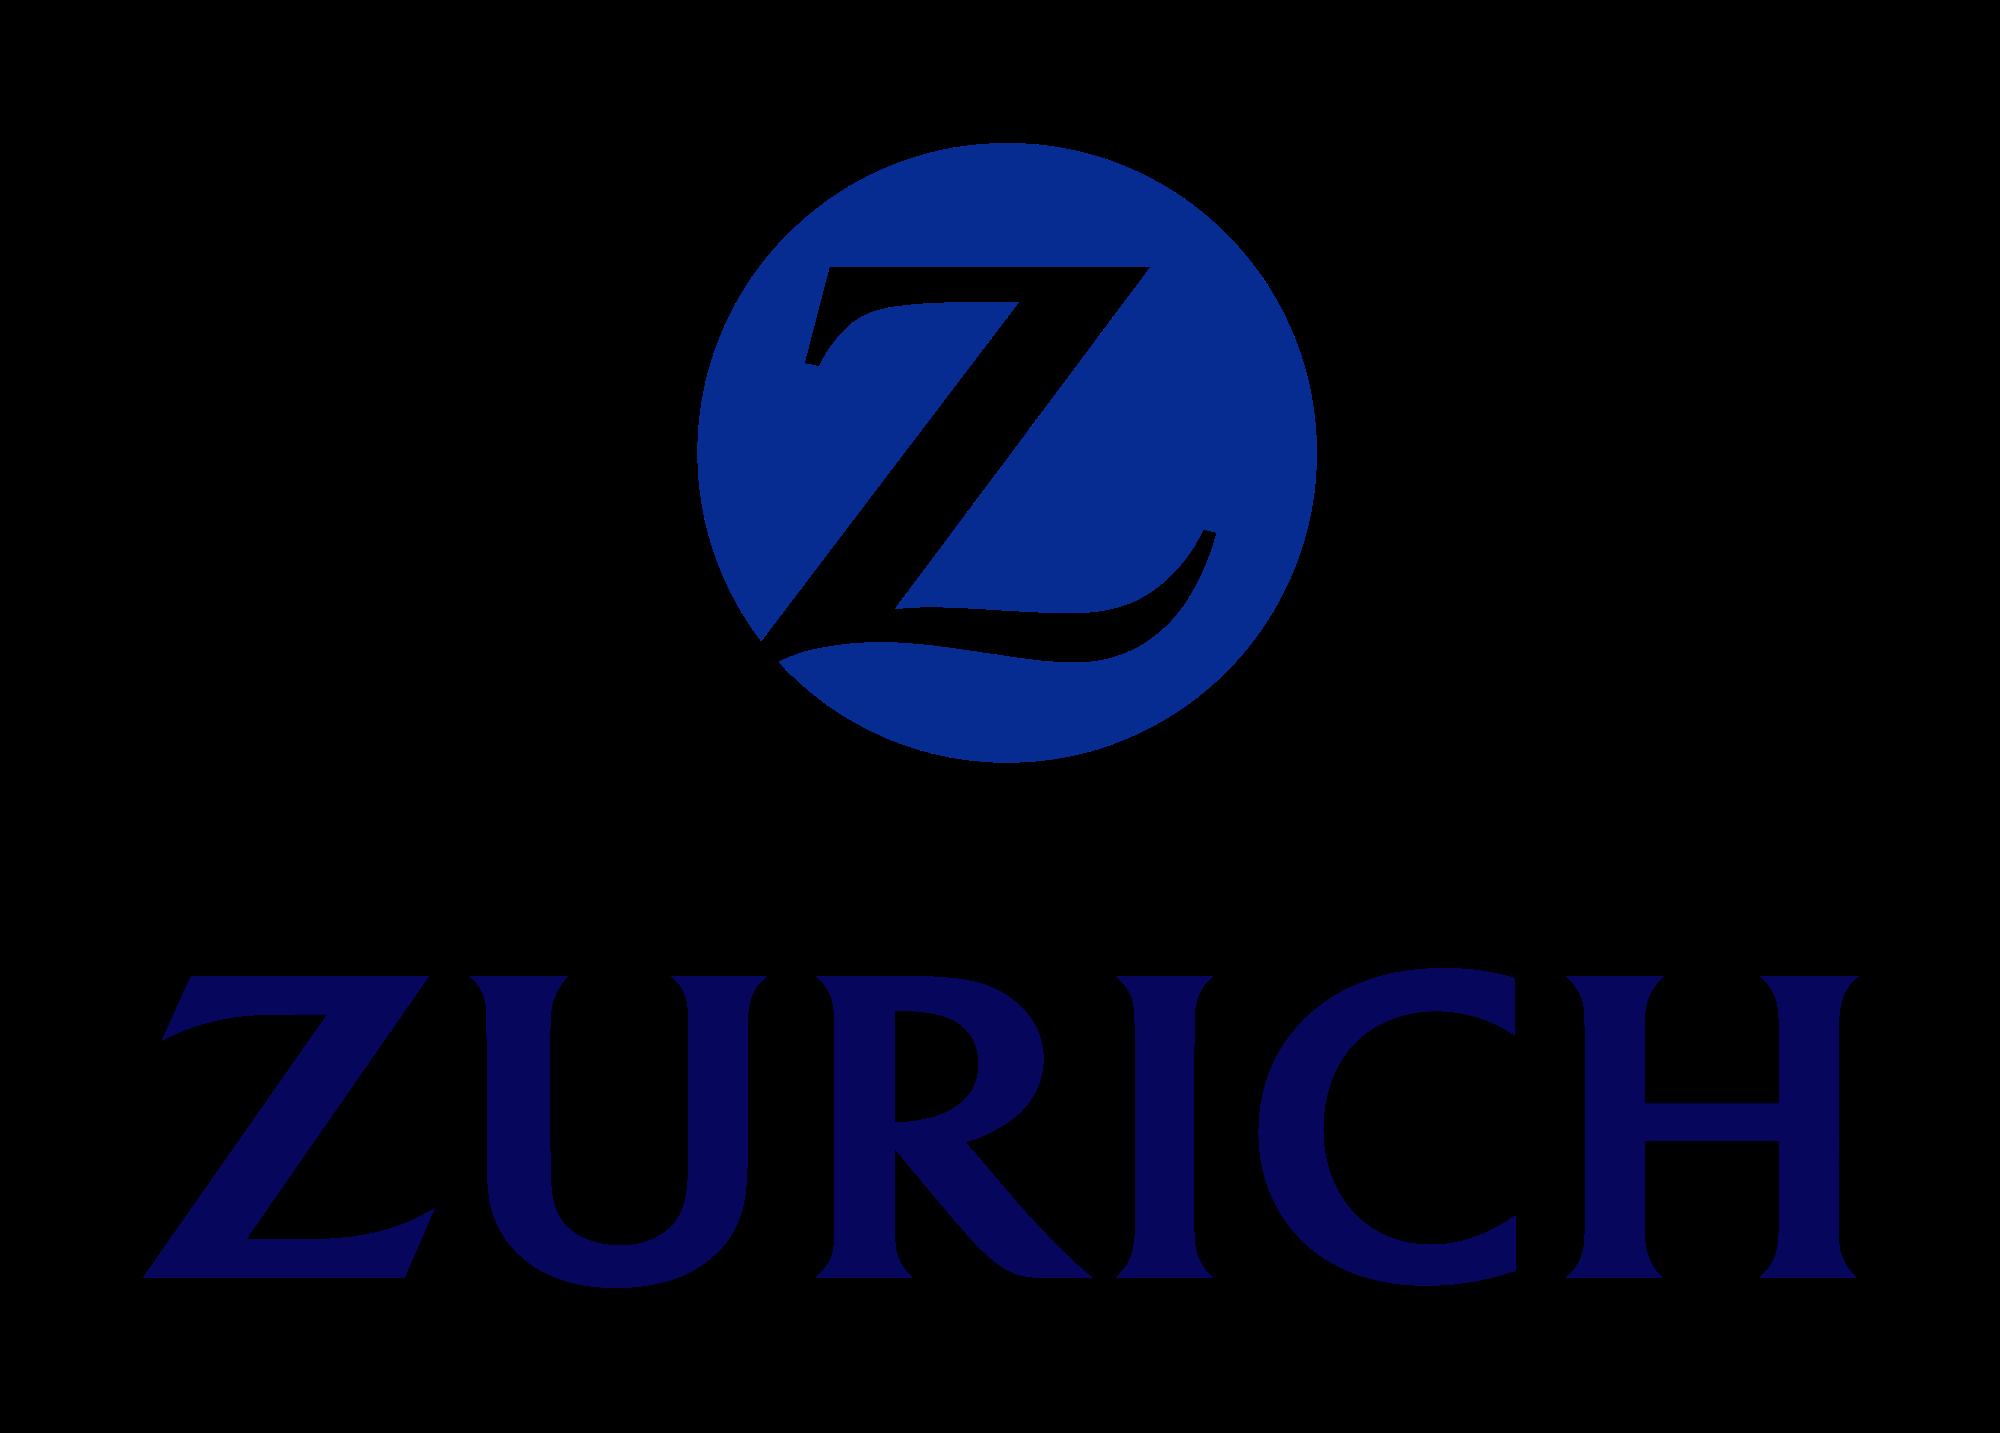 Zurich Spain